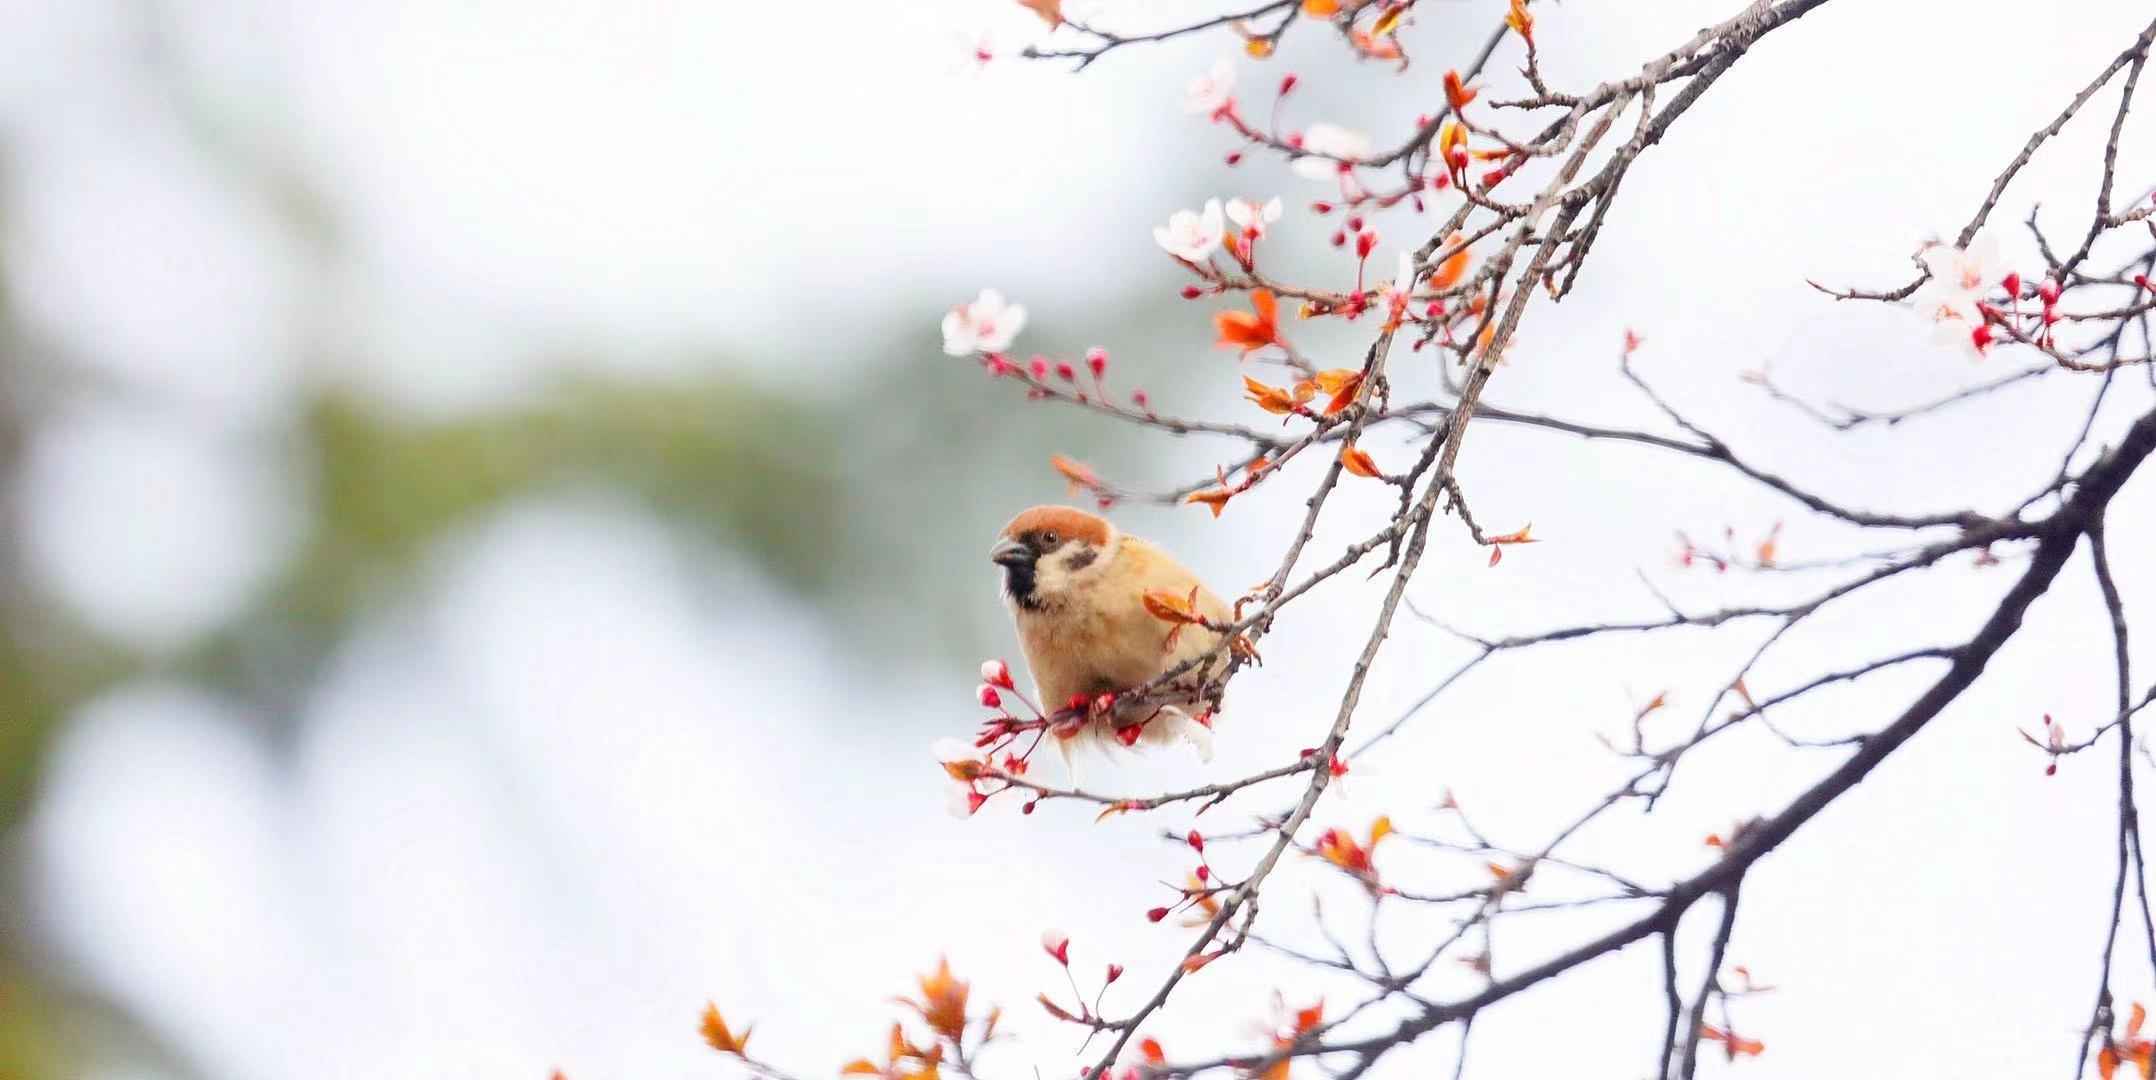 远眺的小鸟